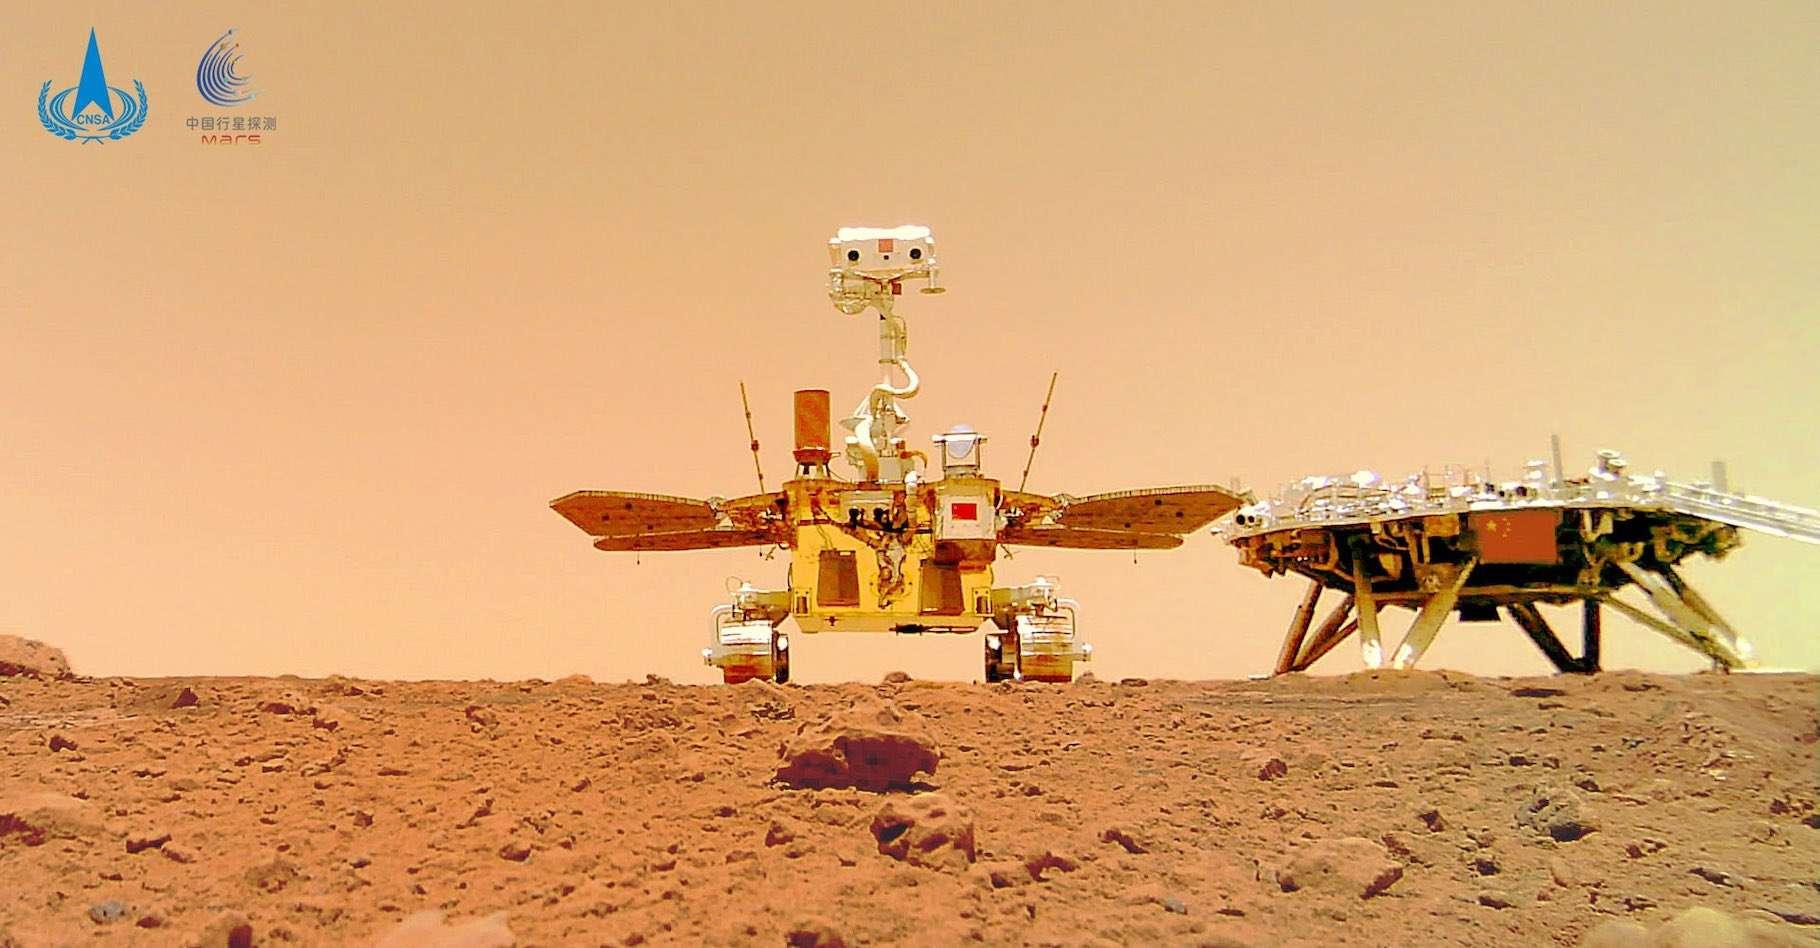 Le surprenant selfie du rover chinois Zhurong, en mission sur Mars, avec son atterrisseur. © CNSA